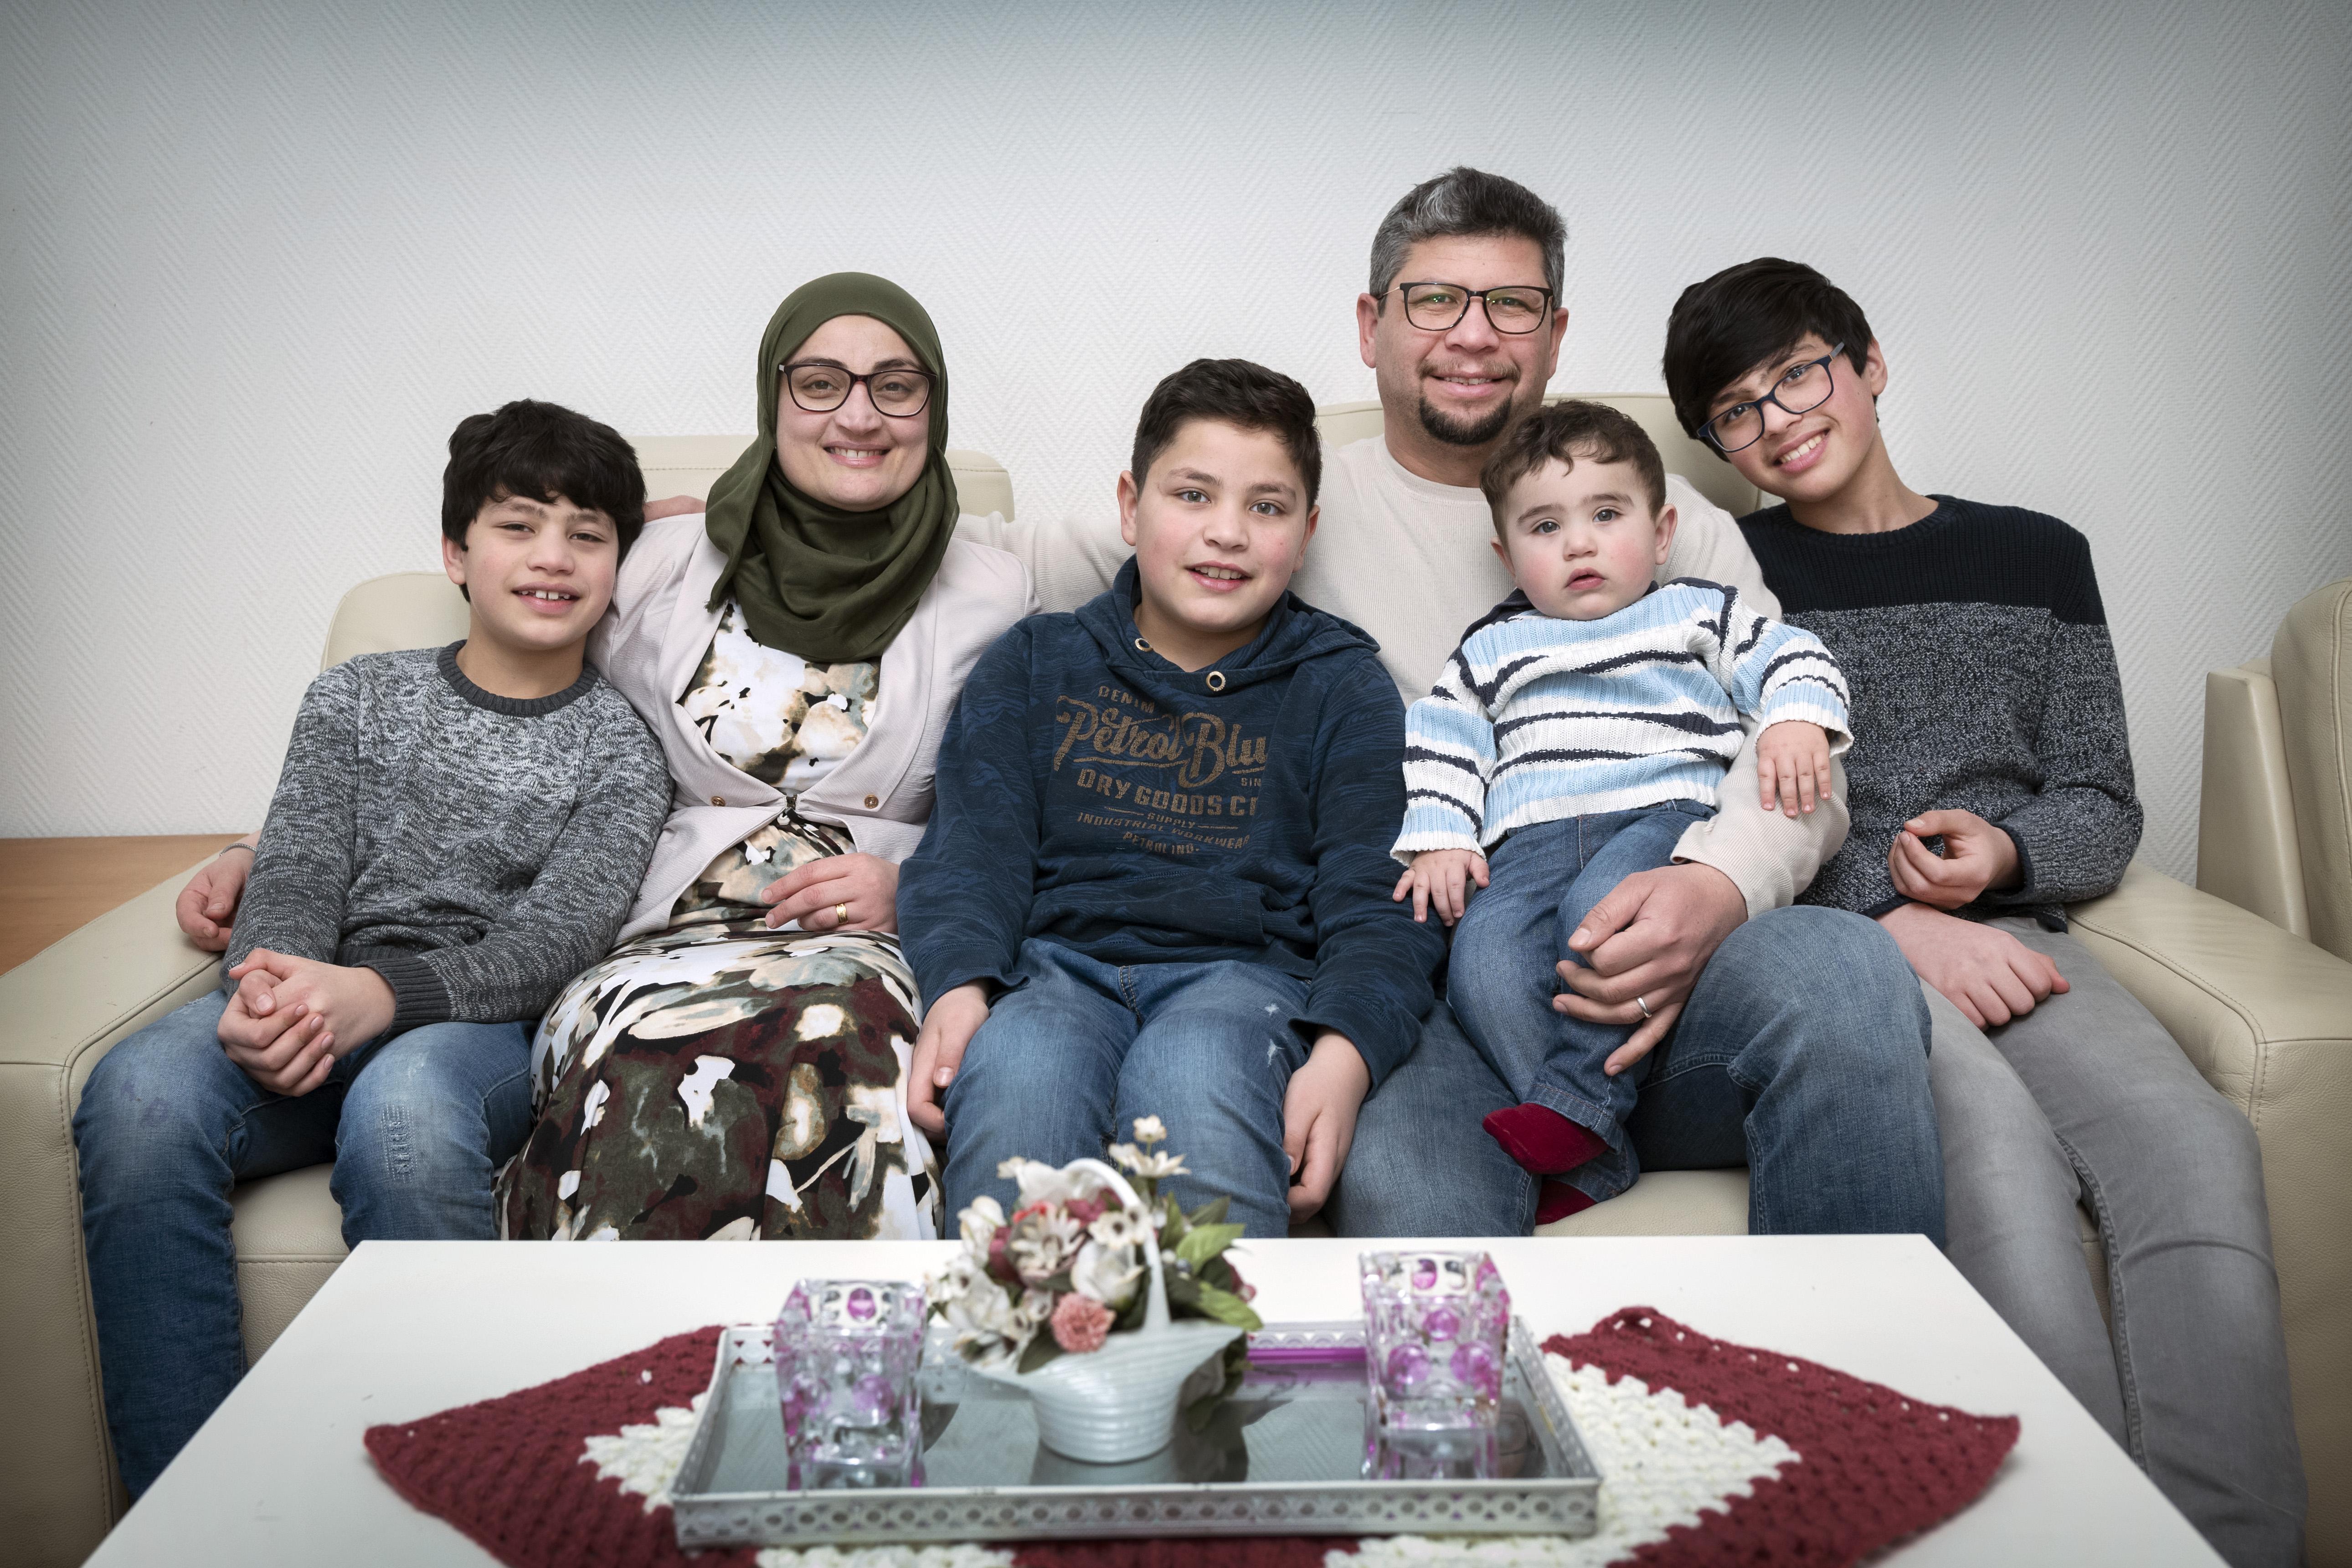 Familie Alamori ontvluchtte tien jaar geleden Syrië; 'Wij gaan anders met de coronamaatregelen om, we vergelijken het met de oorlog'